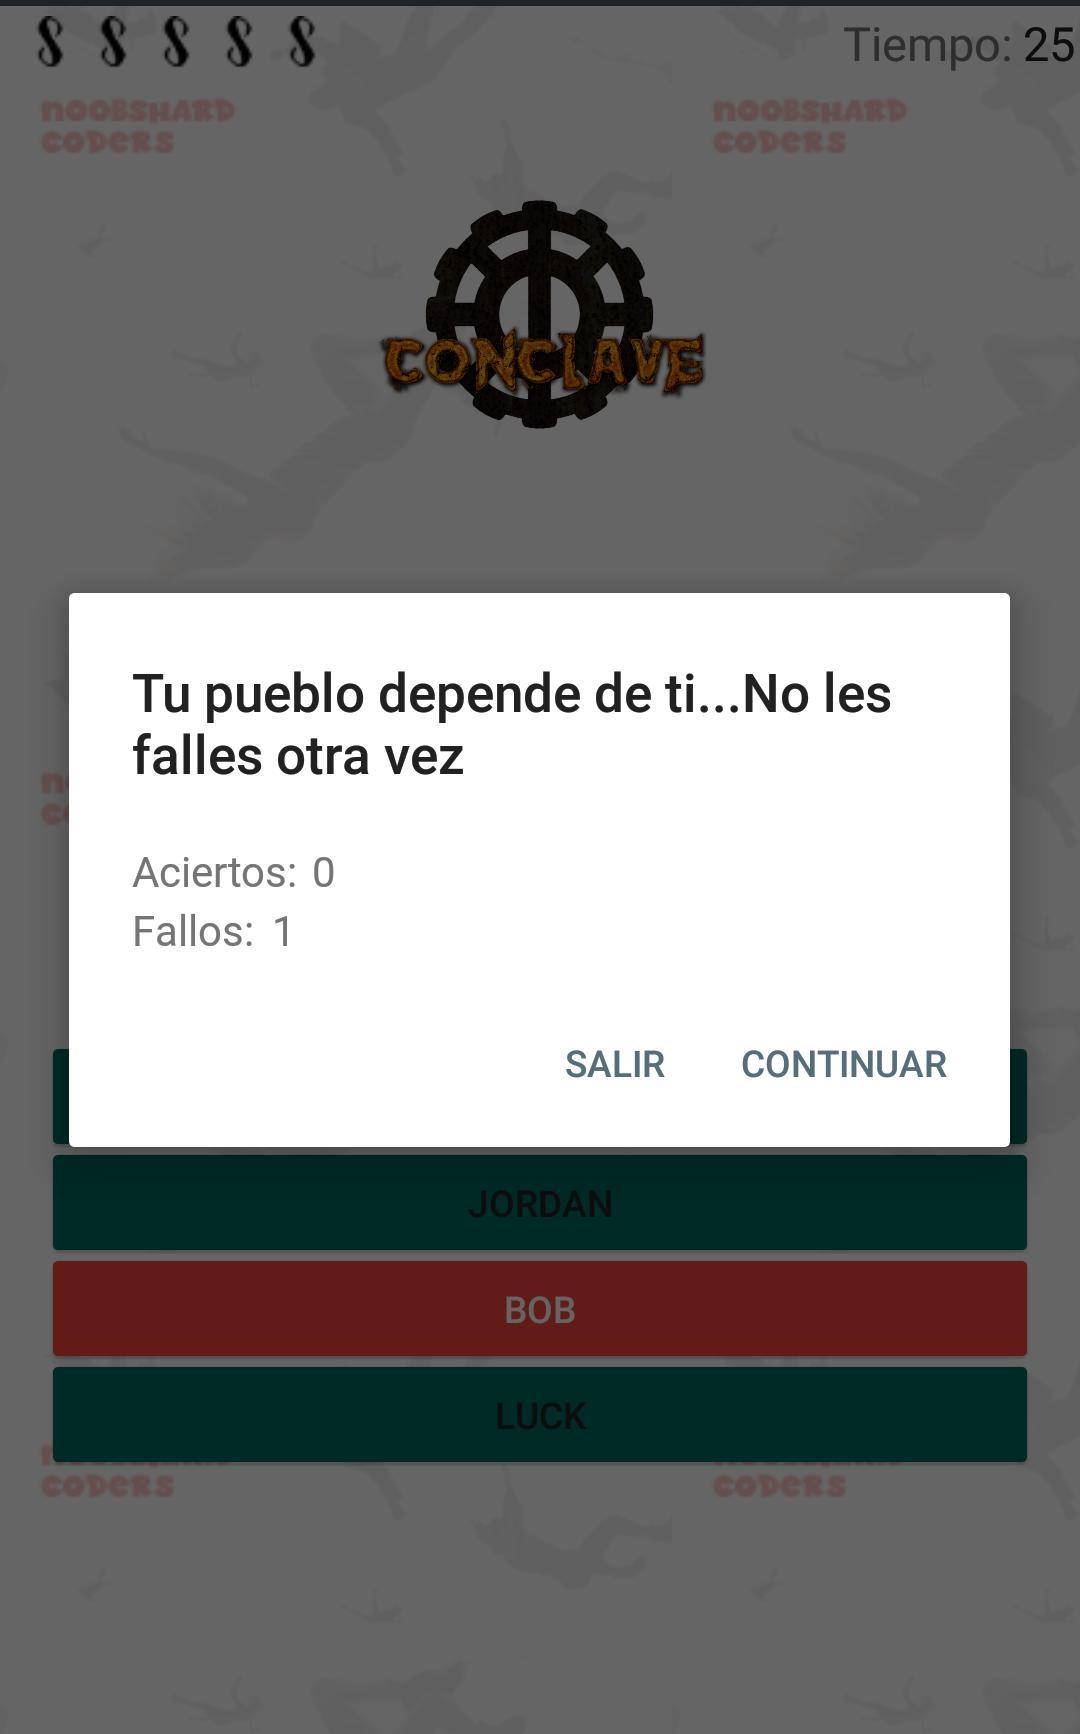 Los 100 - Conclave 1.6 Screenshot 5